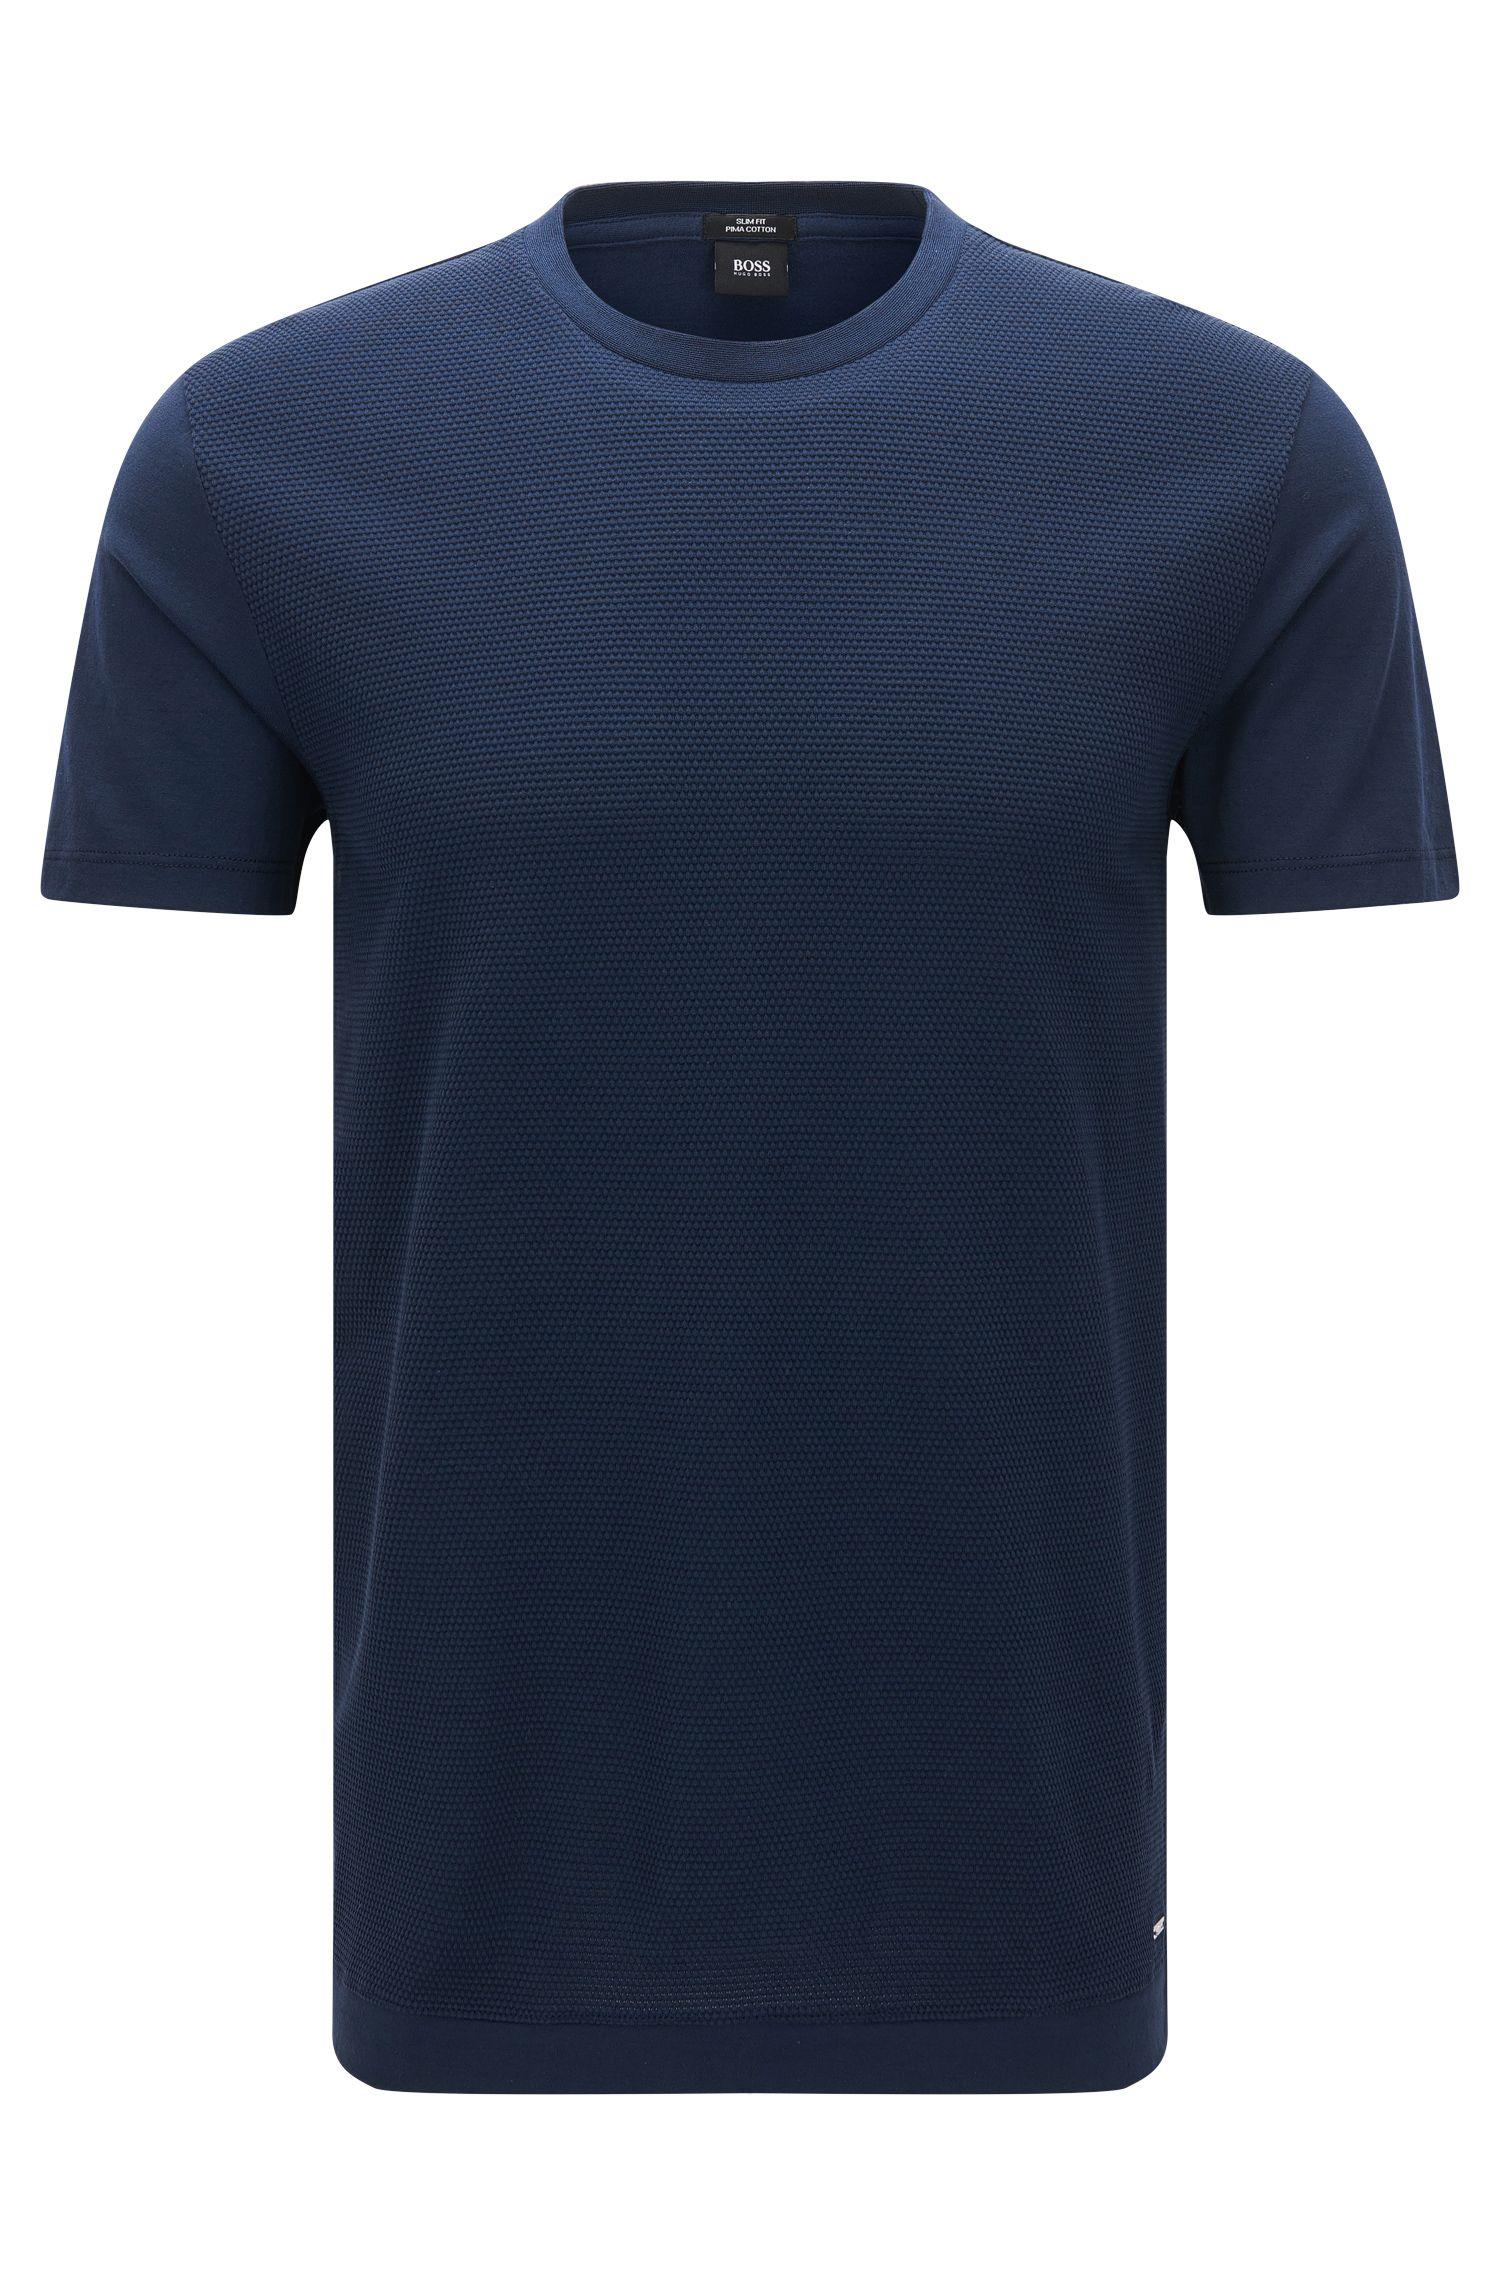 Partiell strukturiertes T-Shirt mit Rundhalsausschnitt